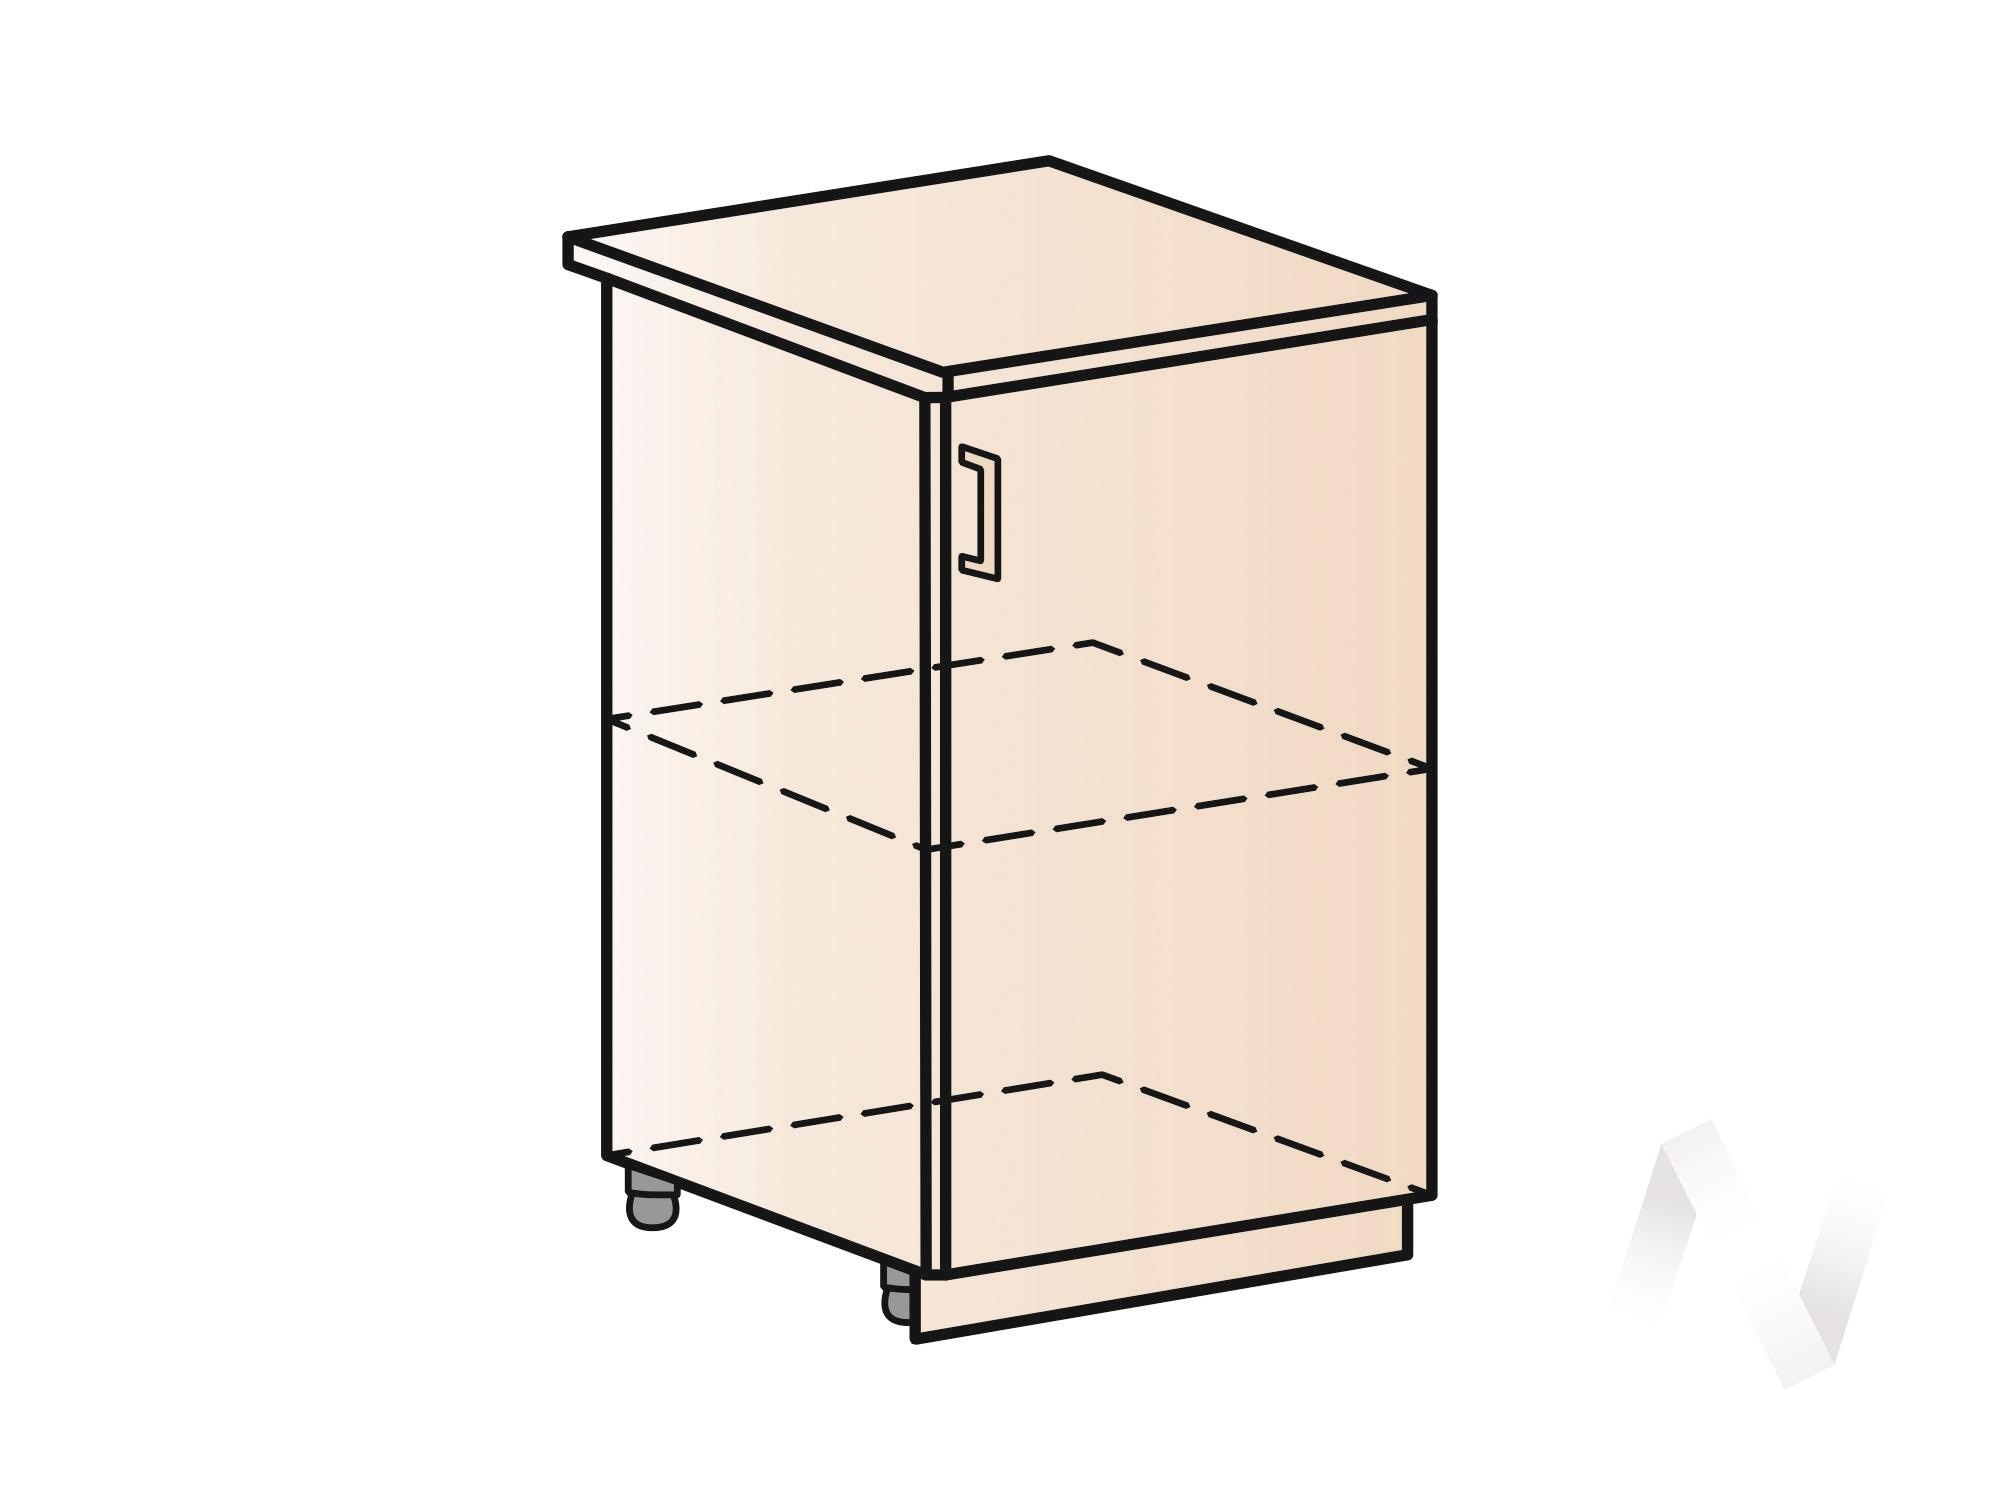 """Кухня """"Люкс"""": Шкаф нижний 500, ШН 500 (Шелк жемчуг/корпус белый) в Новосибирске в интернет-магазине мебели kuhnya54.ru"""